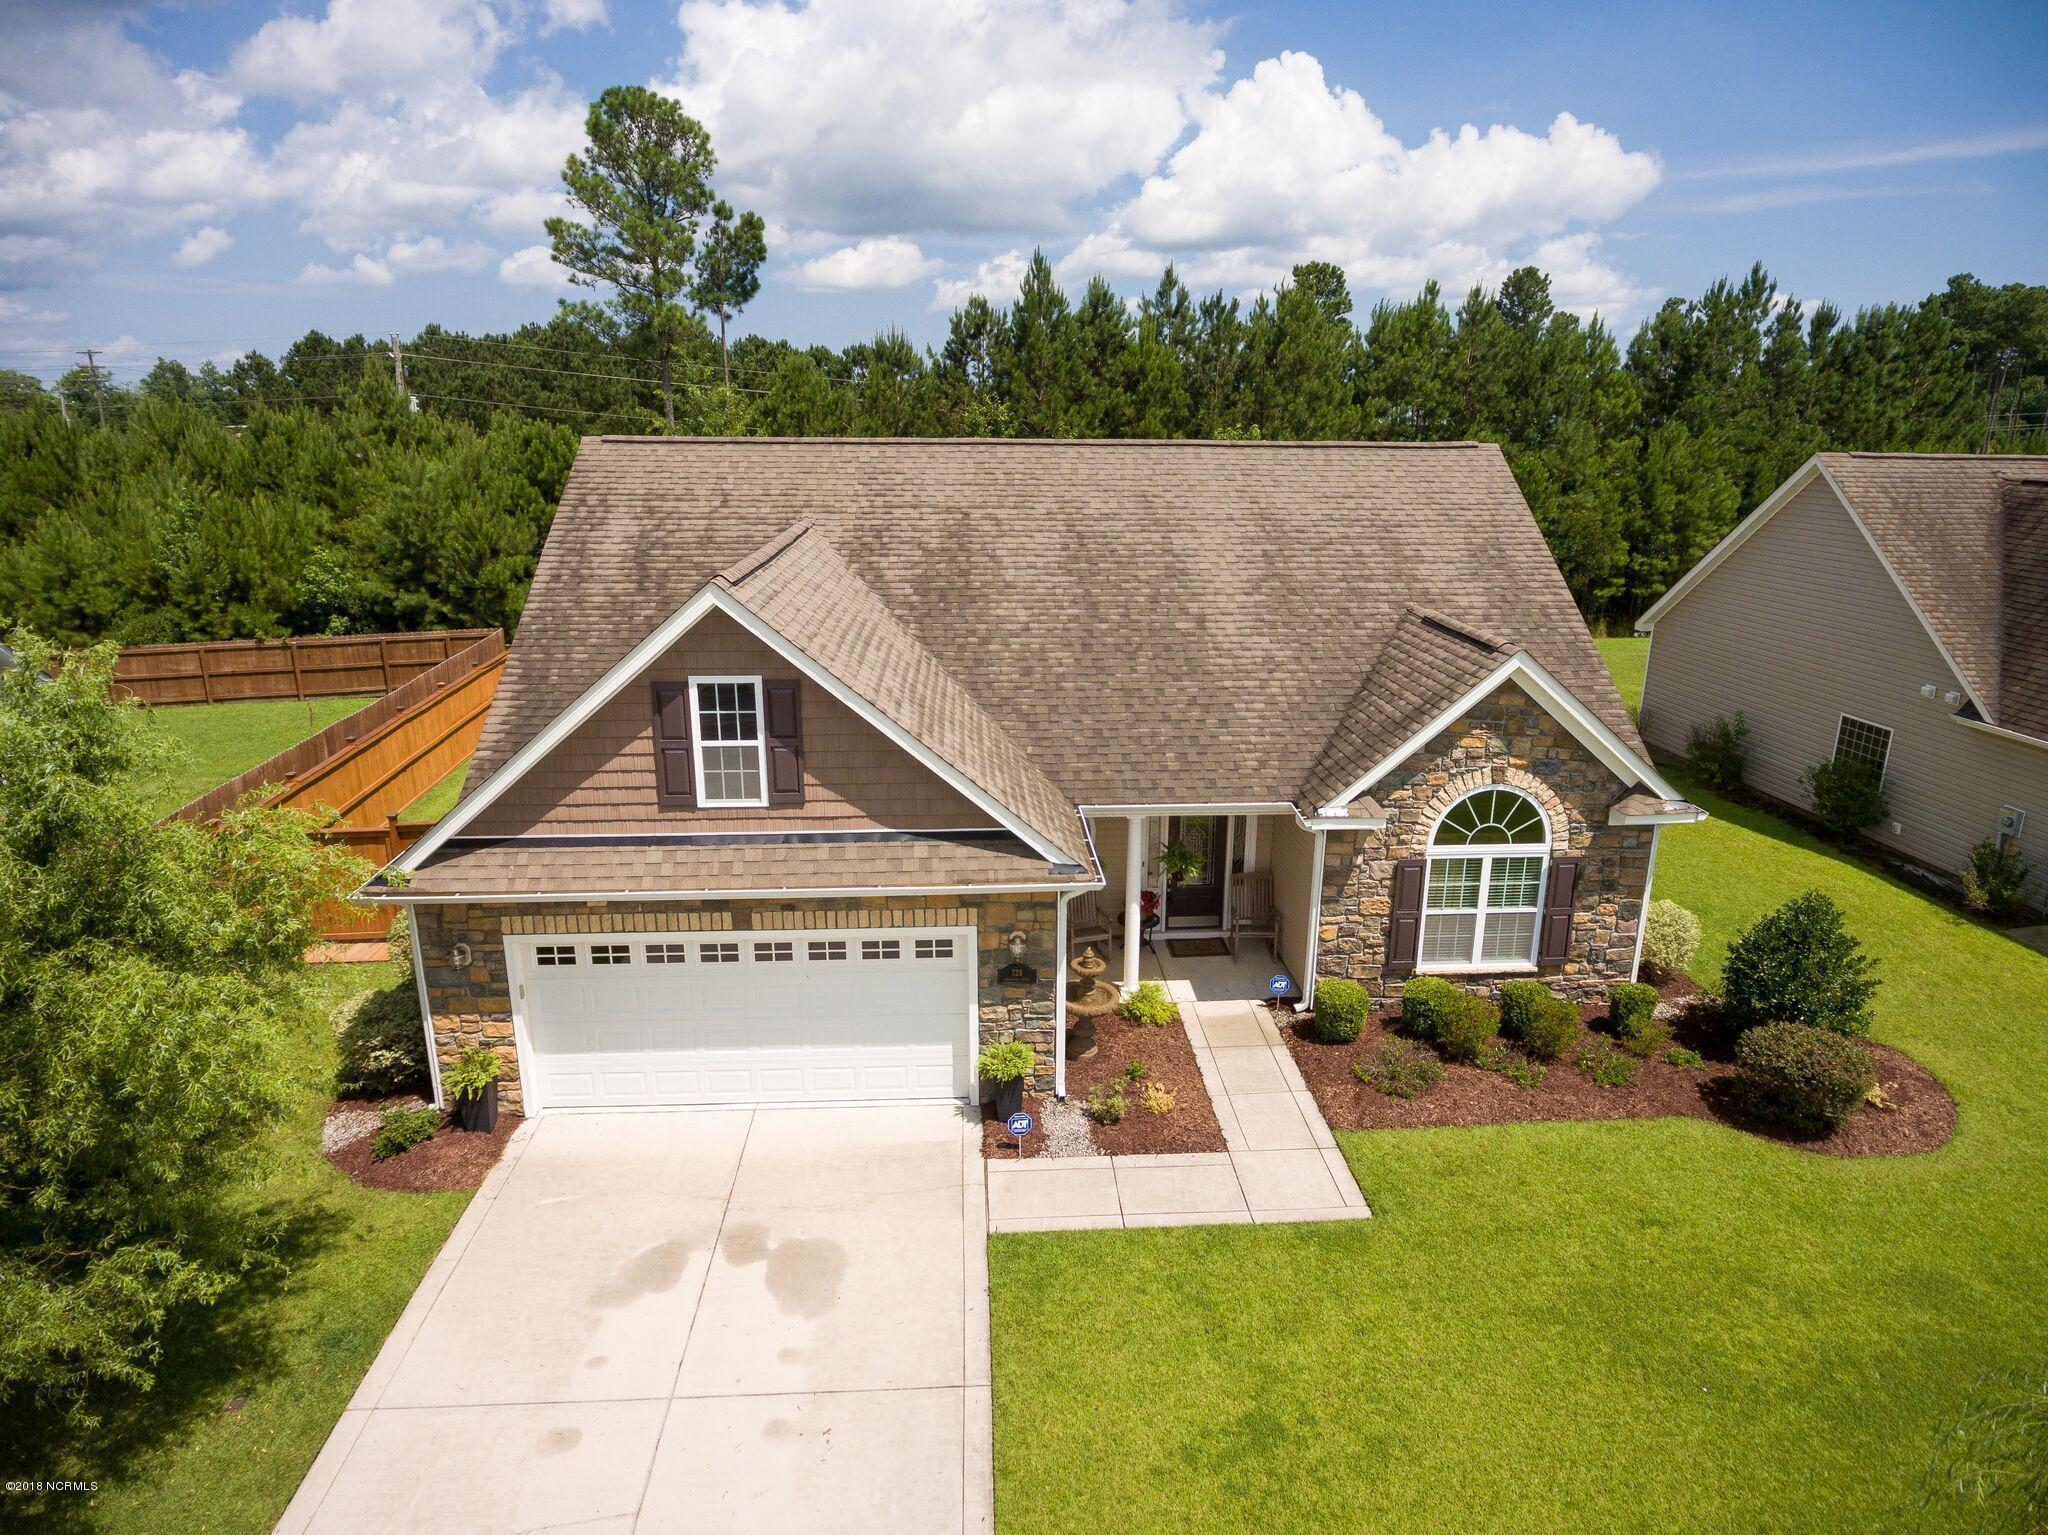 725 Savannah Drive, Jacksonville, NC 28546 (MLS# 100124730 ...